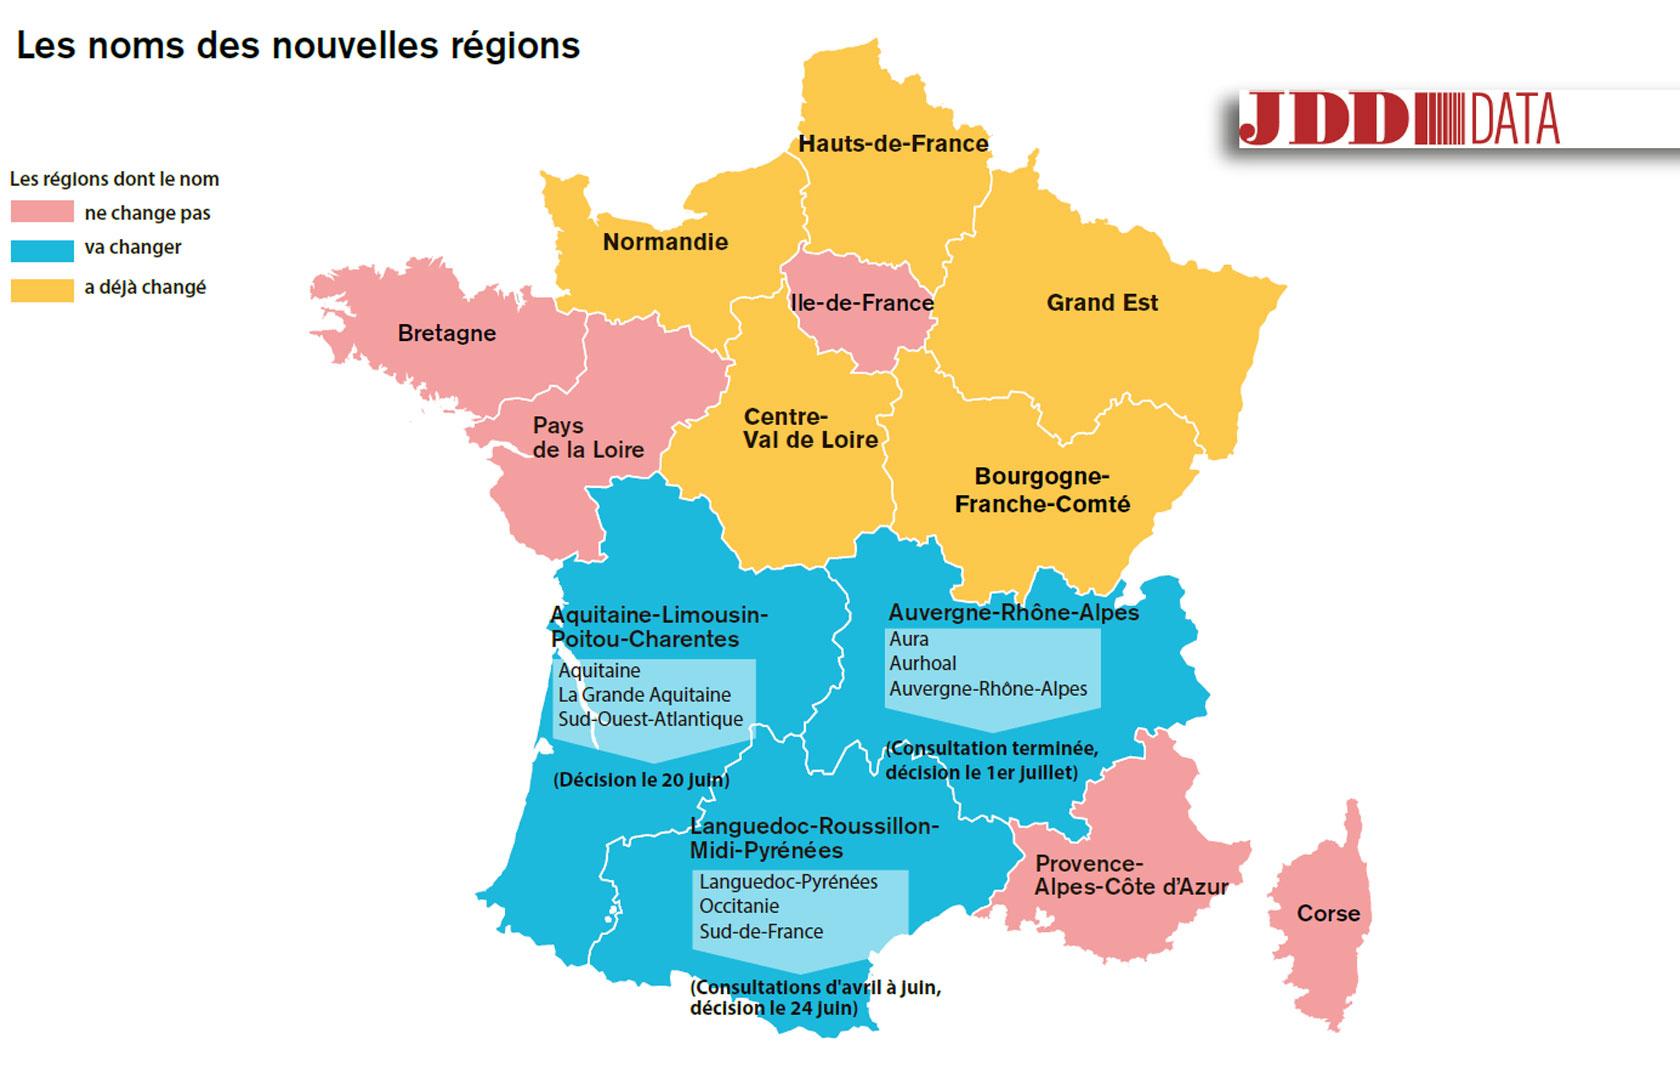 Carte. L'alsace-Champagne-Ardenne-Lorraine Se Rebaptise concernant Carte Des Régions Françaises